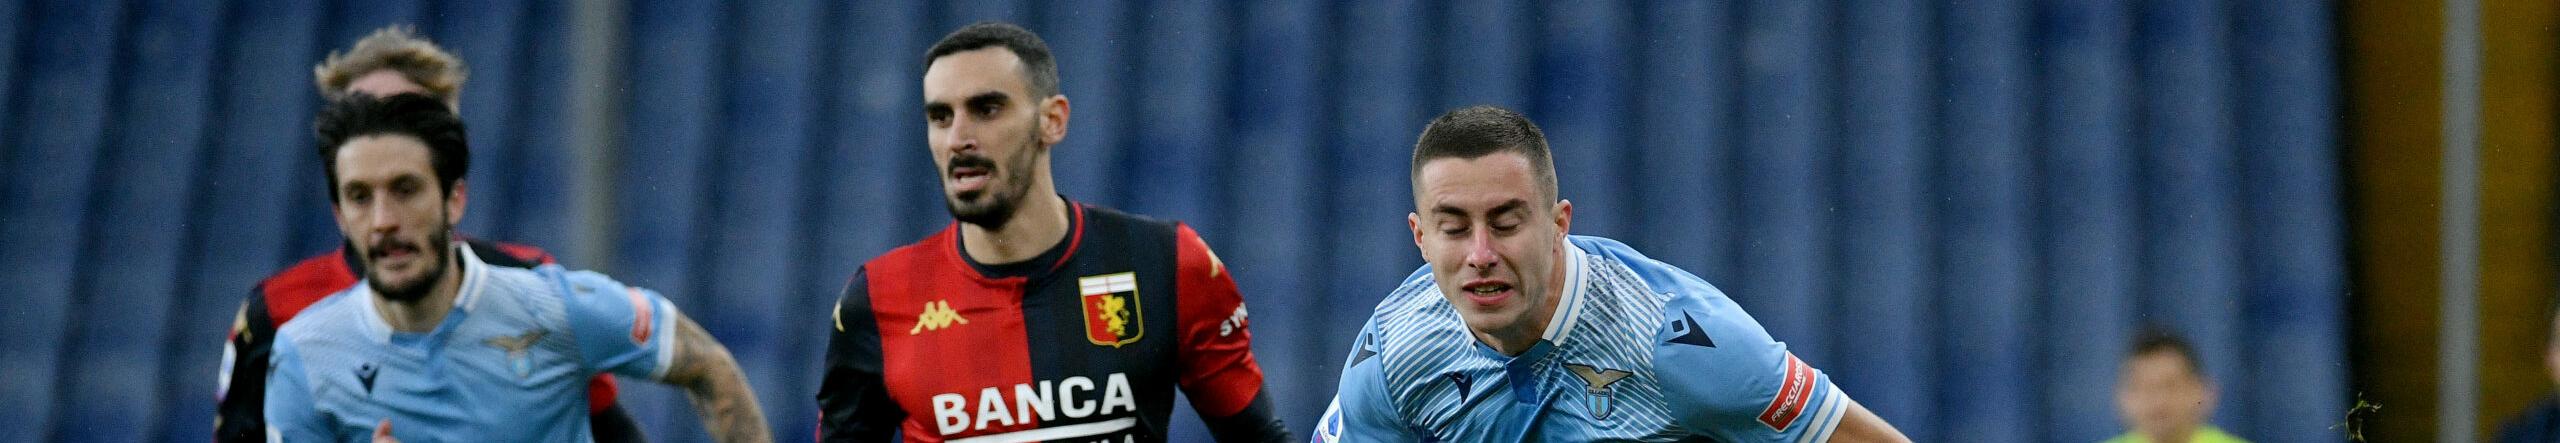 Lazio-Genoa, l'Aquila deve stendere il Grifone per vedere la Champions